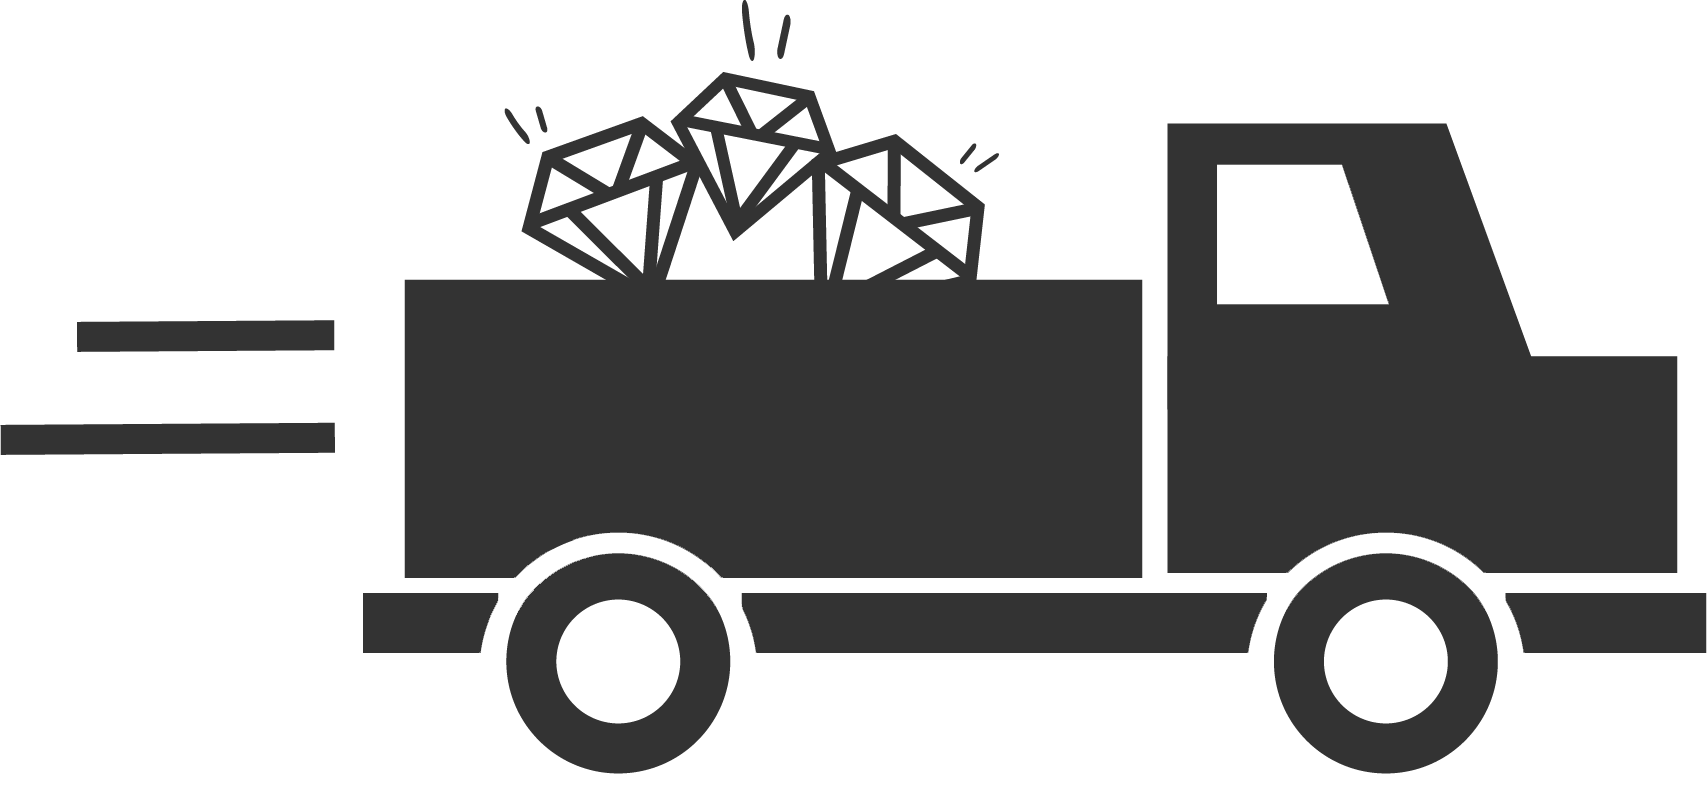 Lastebil med diamanter på planet illustrerer at du kan se smykkene før du kjøper dem.